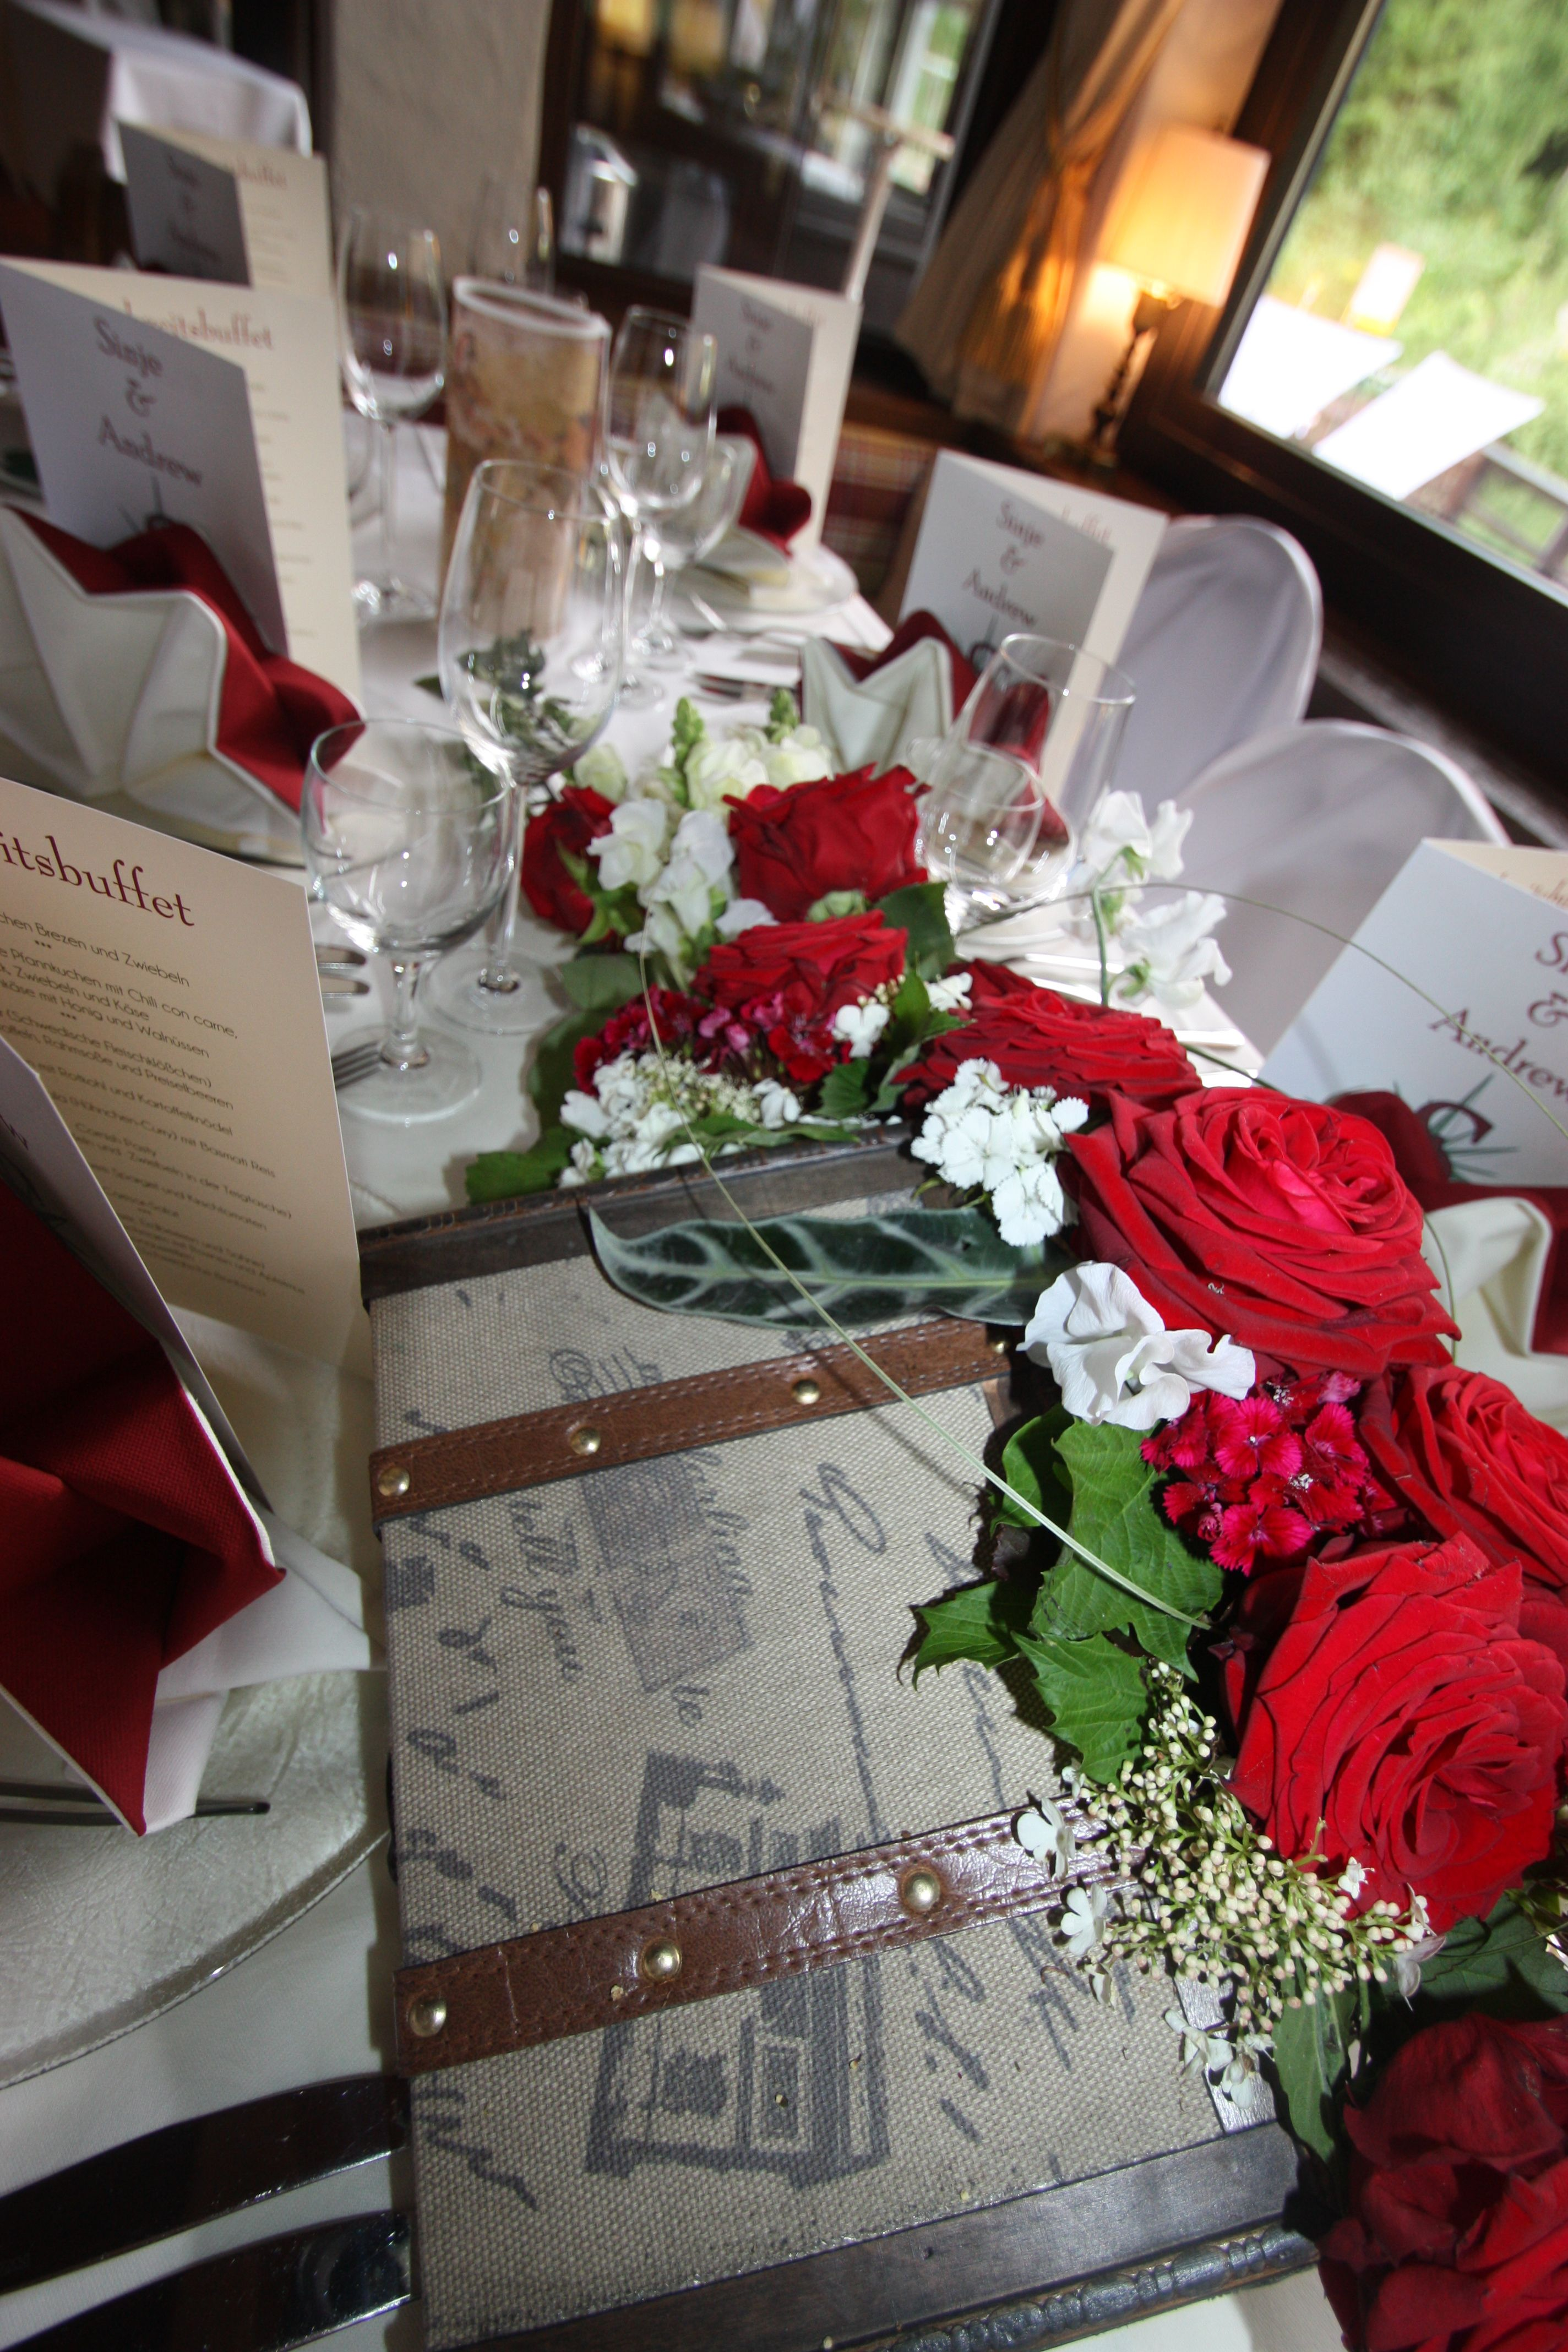 Tischdekoration mit roten rosen und efeu in koffern hochzeitsmotto travel with us center - Tischdekoration mit rosen ...